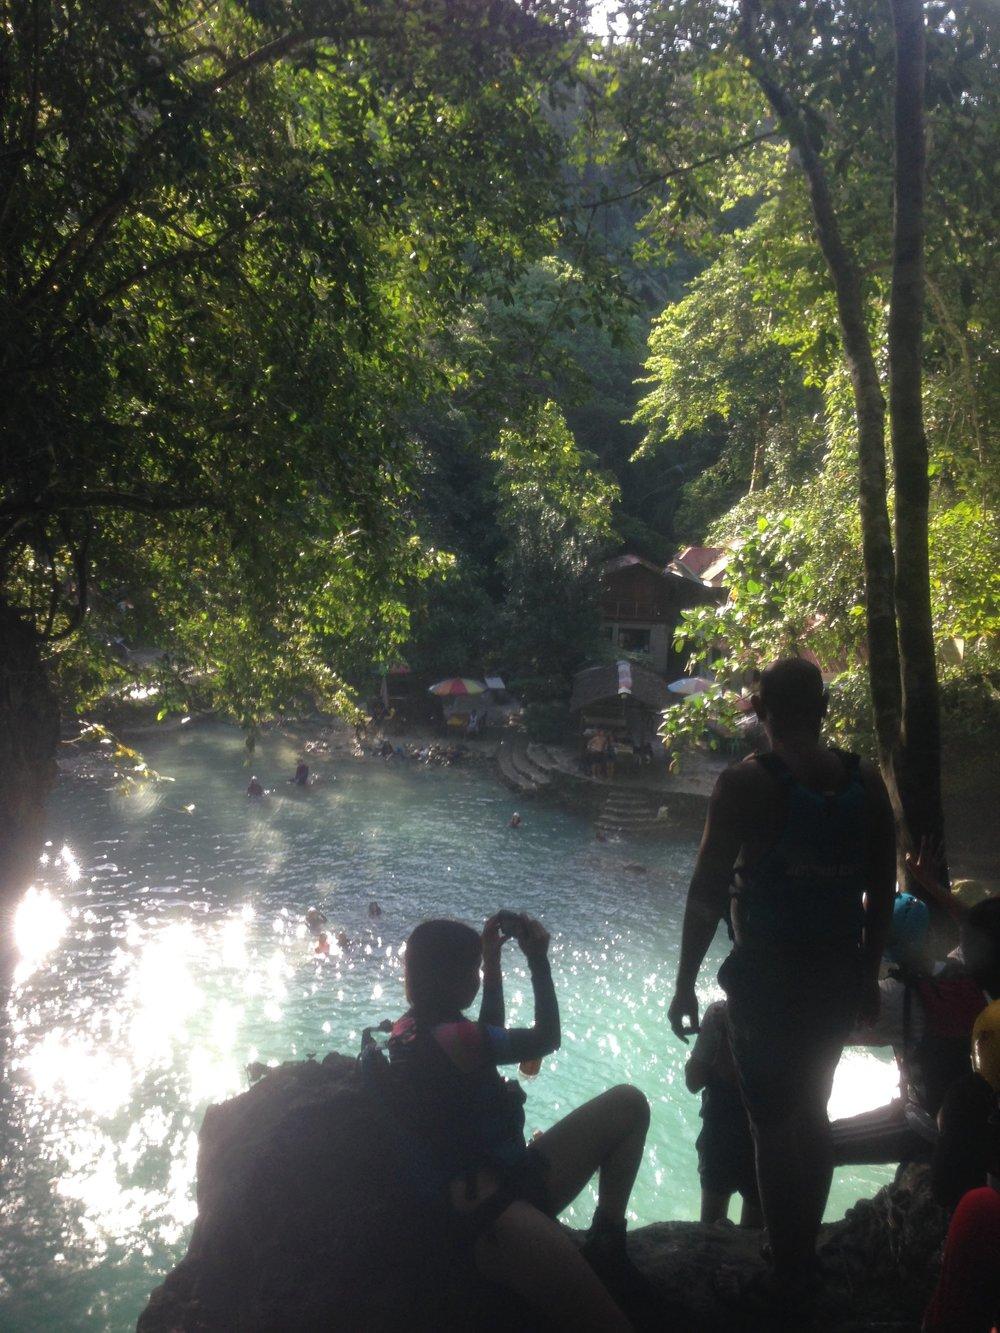 Canyoneering Kawasa waterfall Philippines - 1